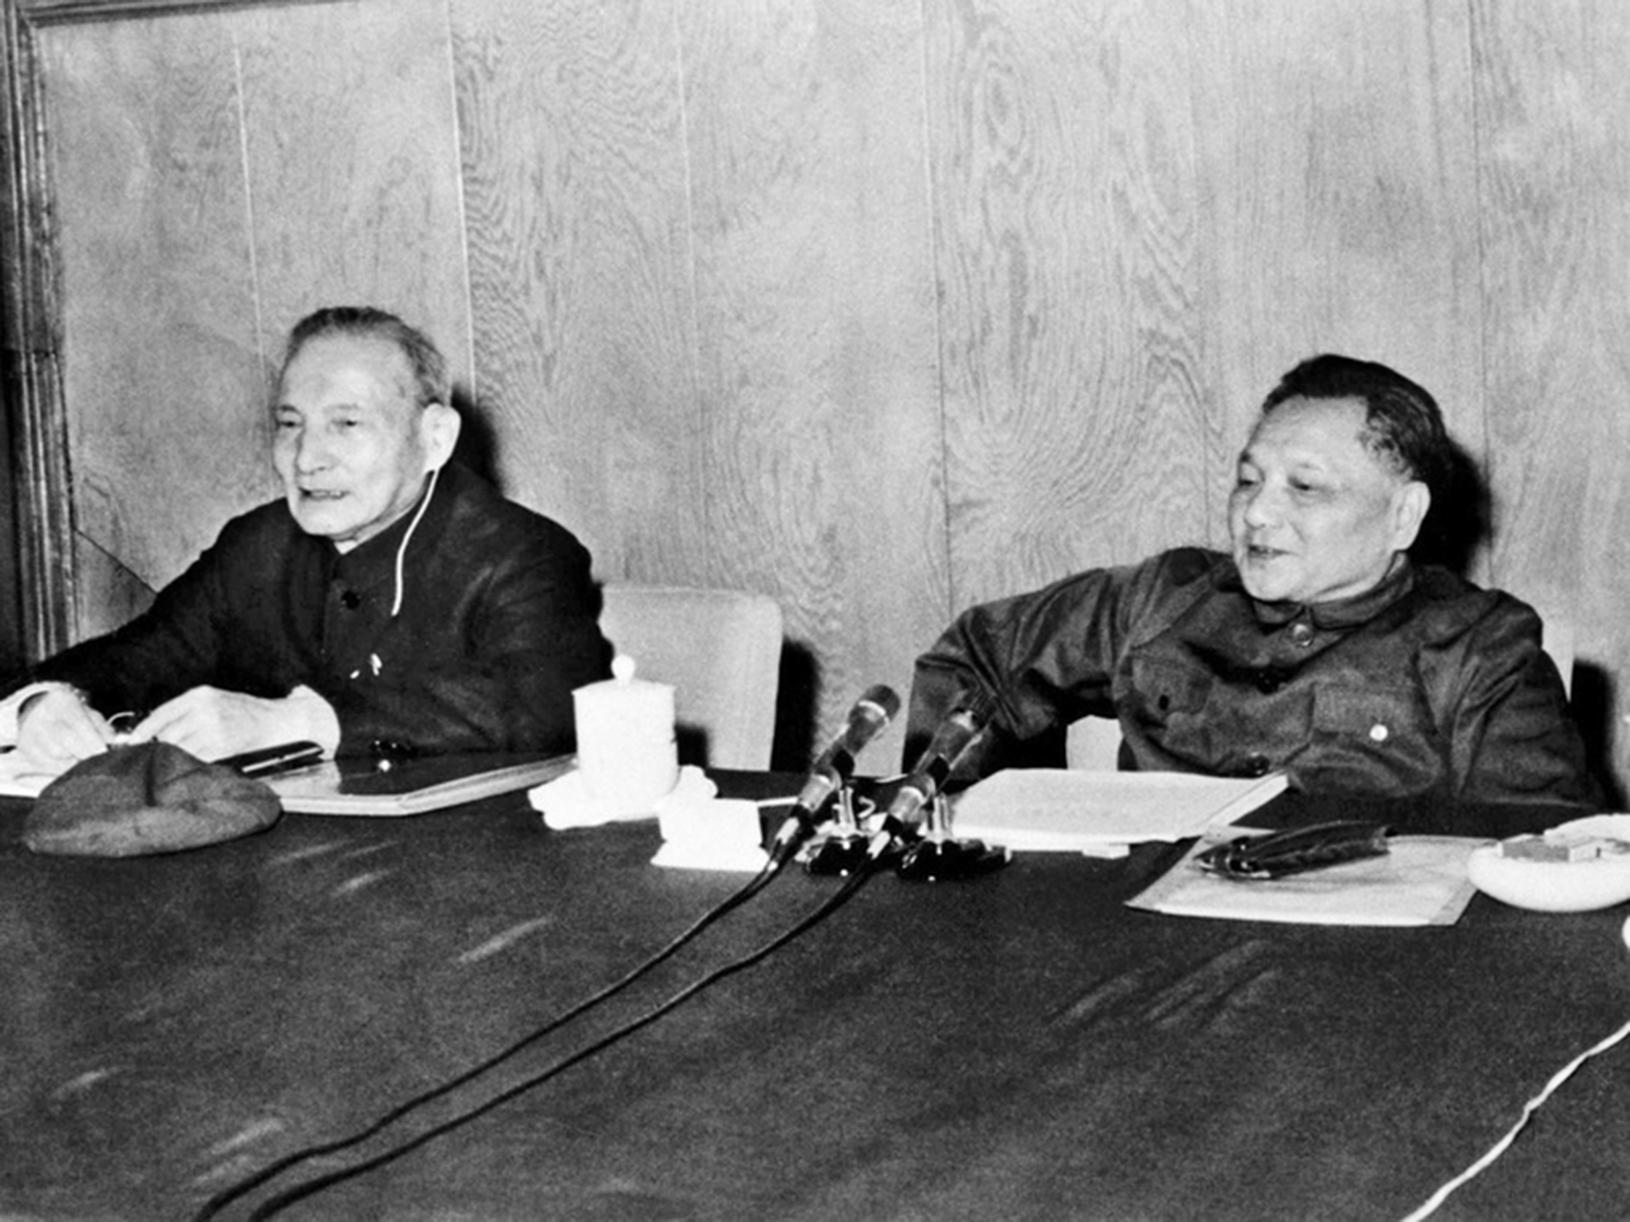 鄧小平是改革開放總設計師 還是「總扼制師」(下)